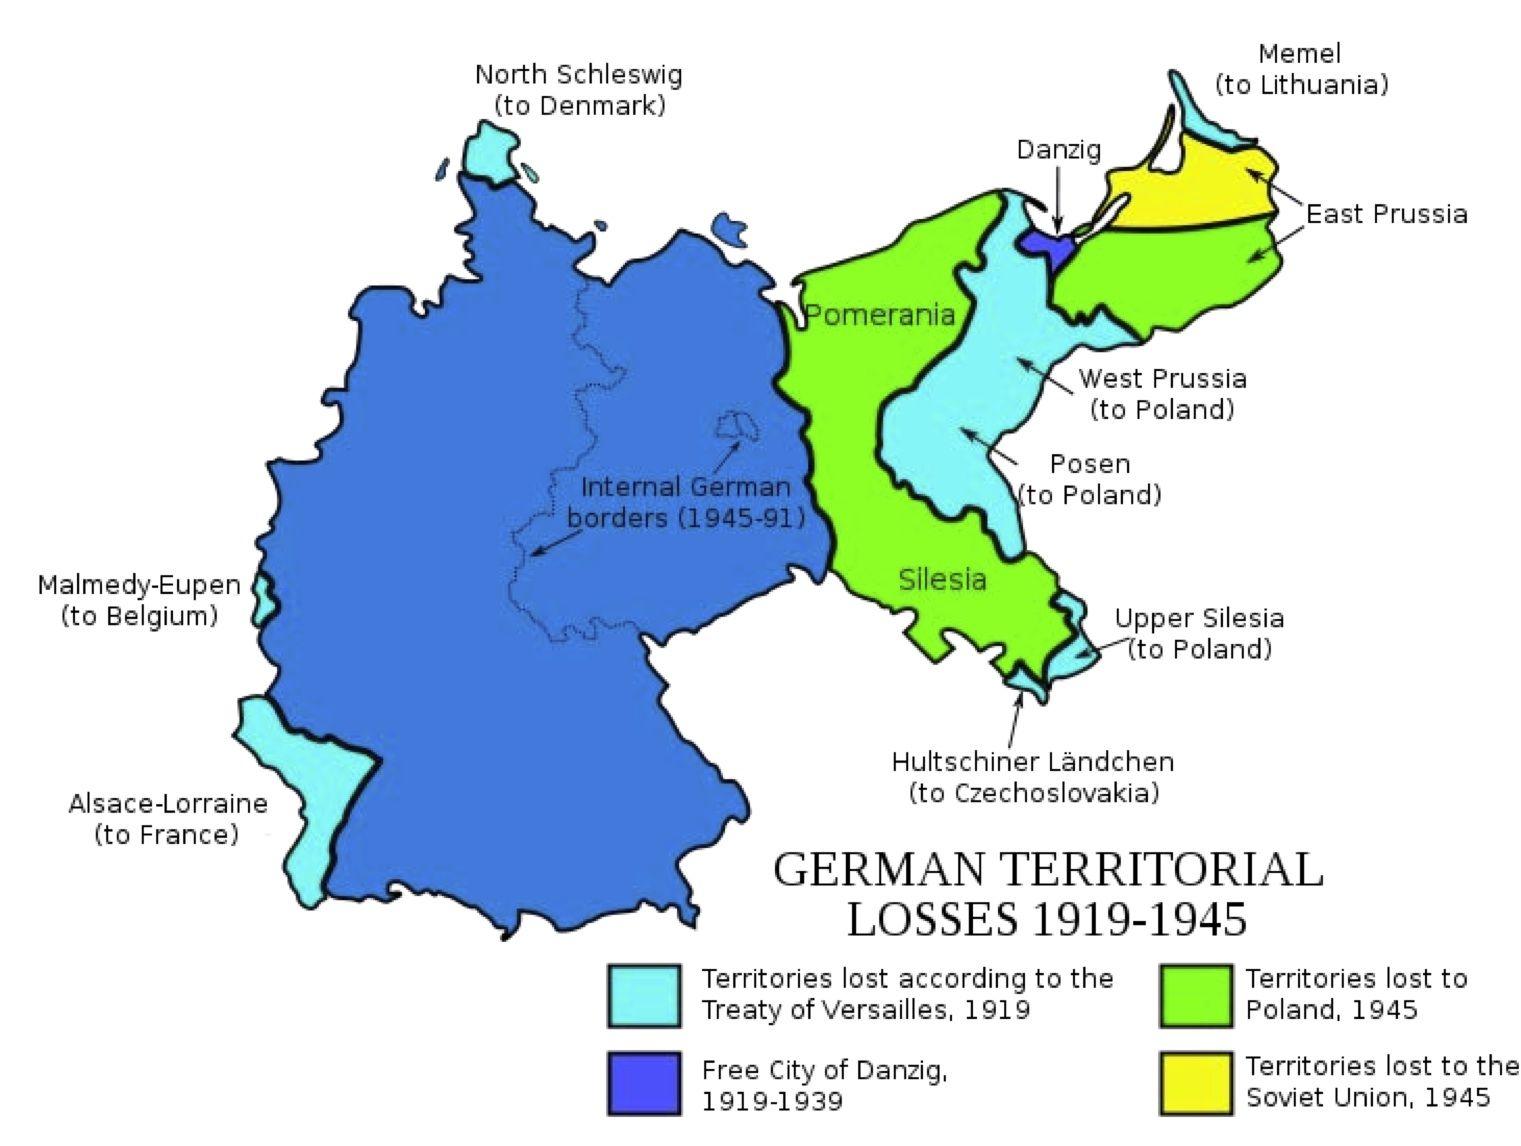 Alemania pérdidas territoriales desde 1919 a 1945